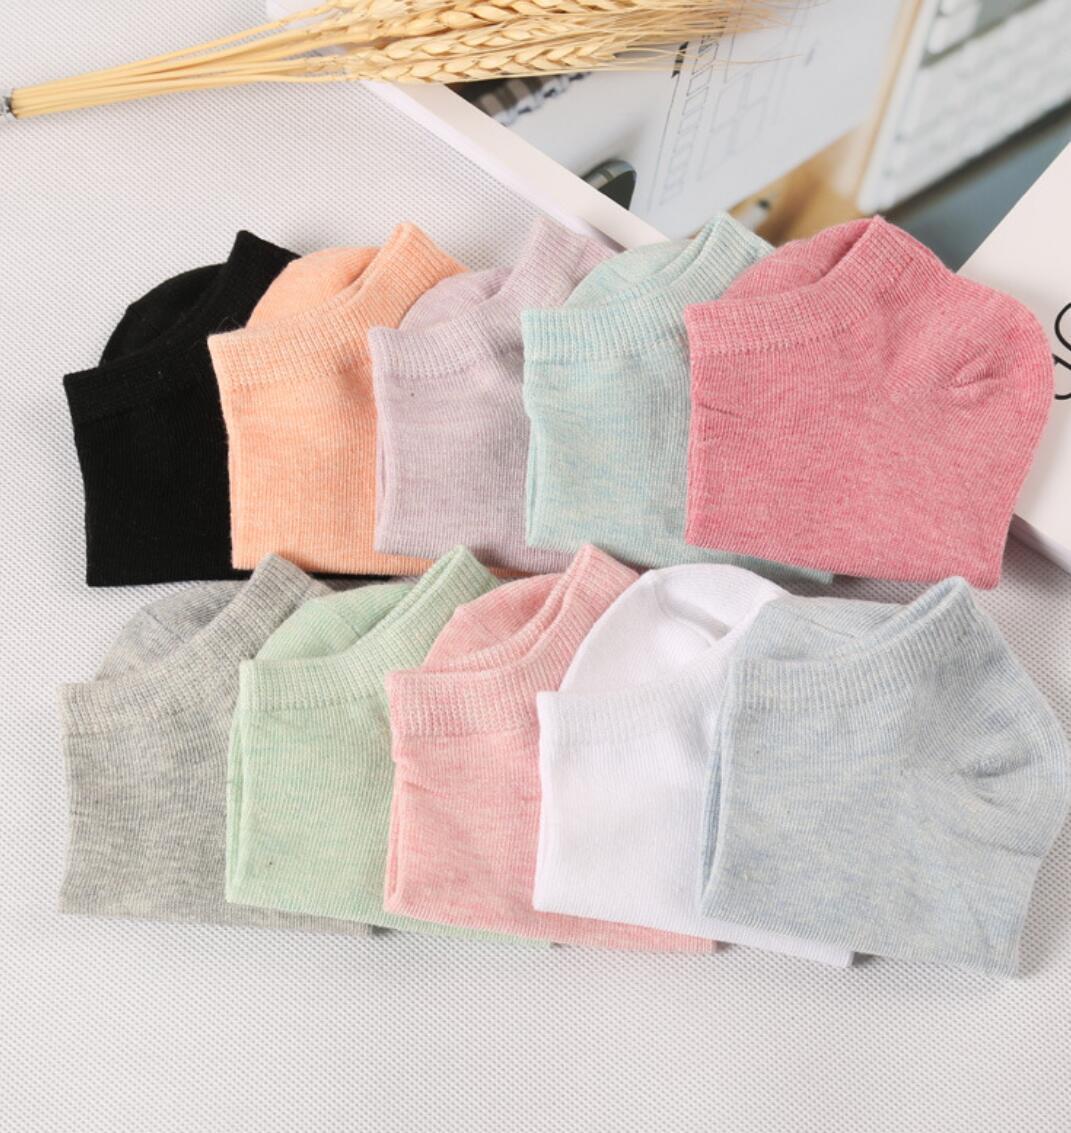 Nouveau 2018 Femmes de Chaussettes pur couleur décontracté sport coton sucer chaussettes de transpiration 9-88 chaussettes en coton Femmes chaussettes de K0911-01-K0911-06